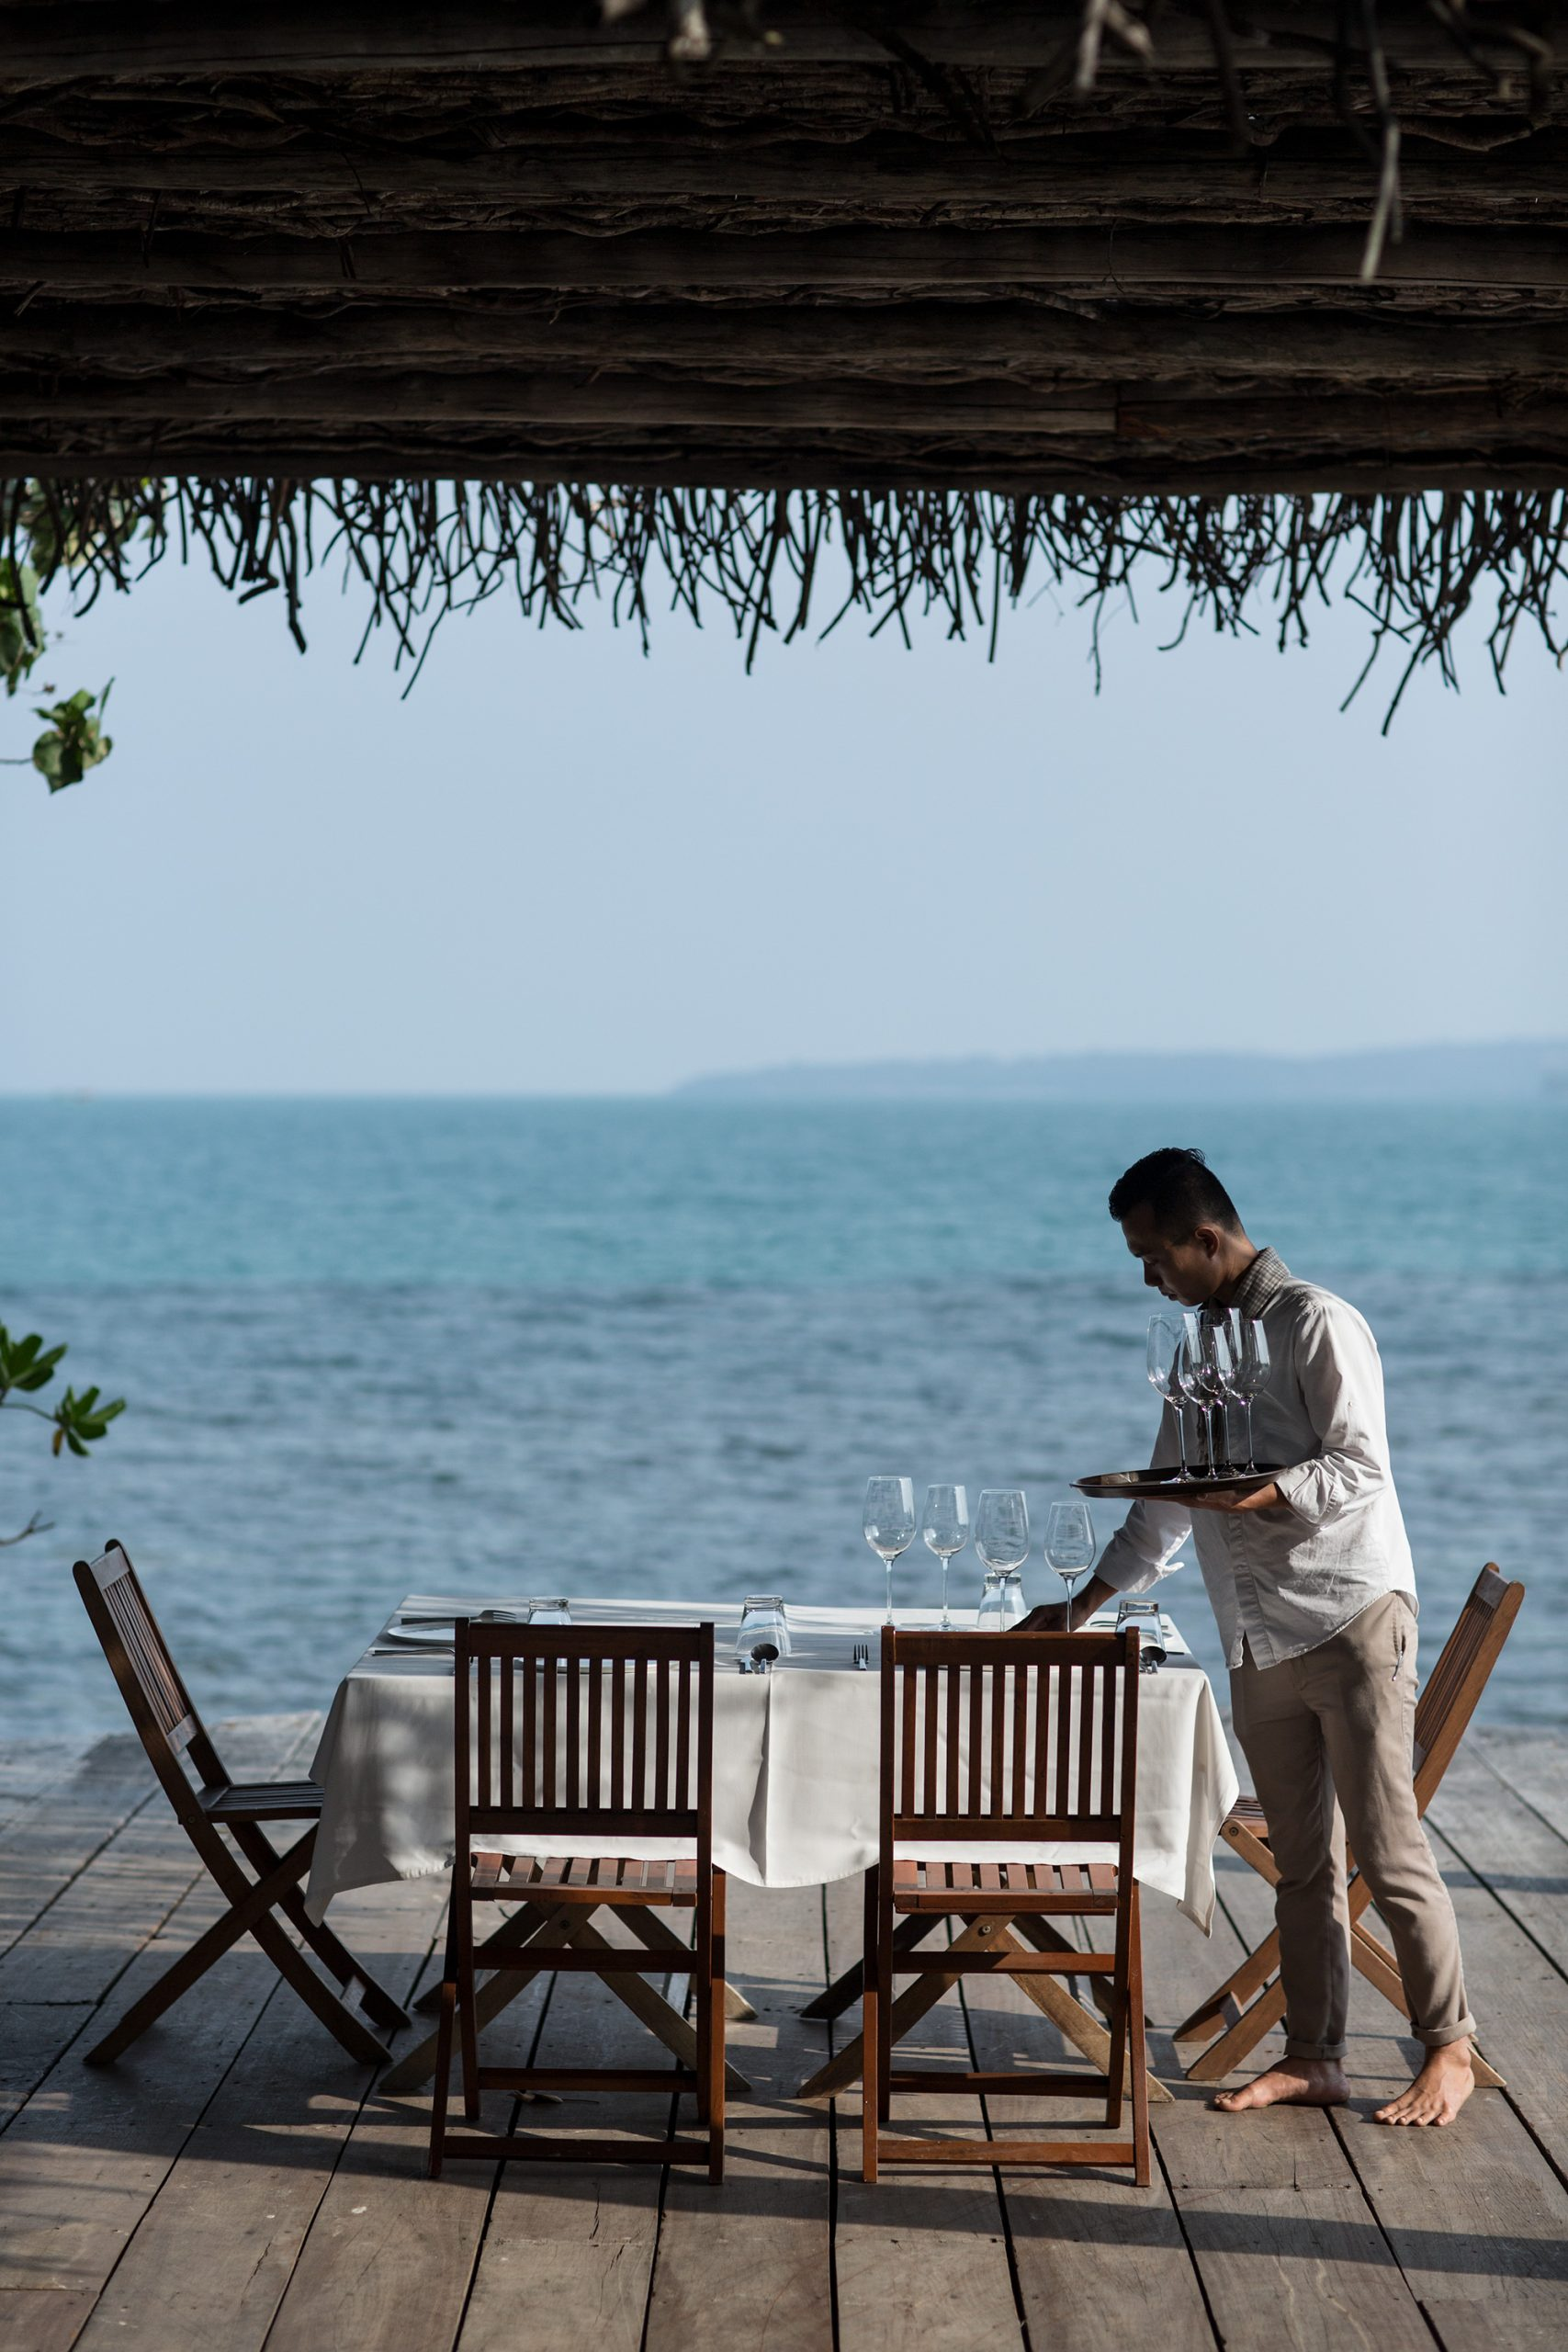 The Khmer Cuisine – Restaurant, Tisch und Kellner